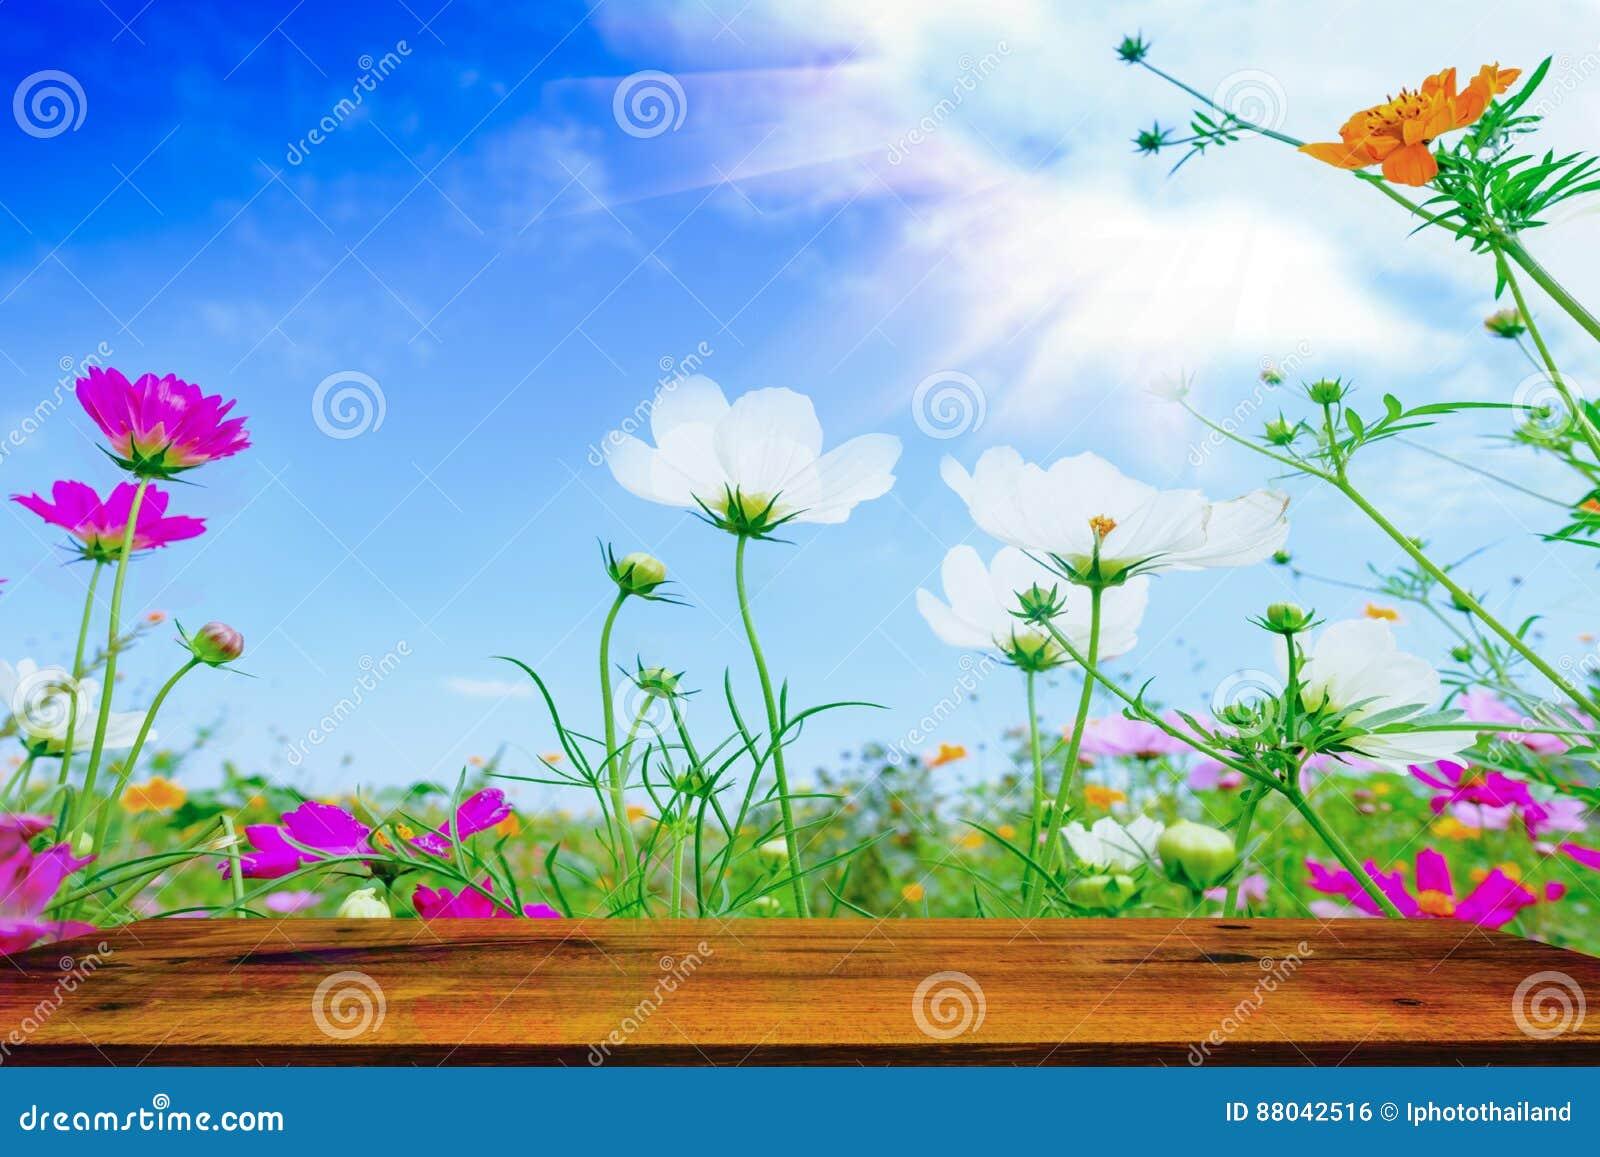 Fleur De Sous Bois Bleue table en bois avec la fleur rose de cosmea sous la lumière